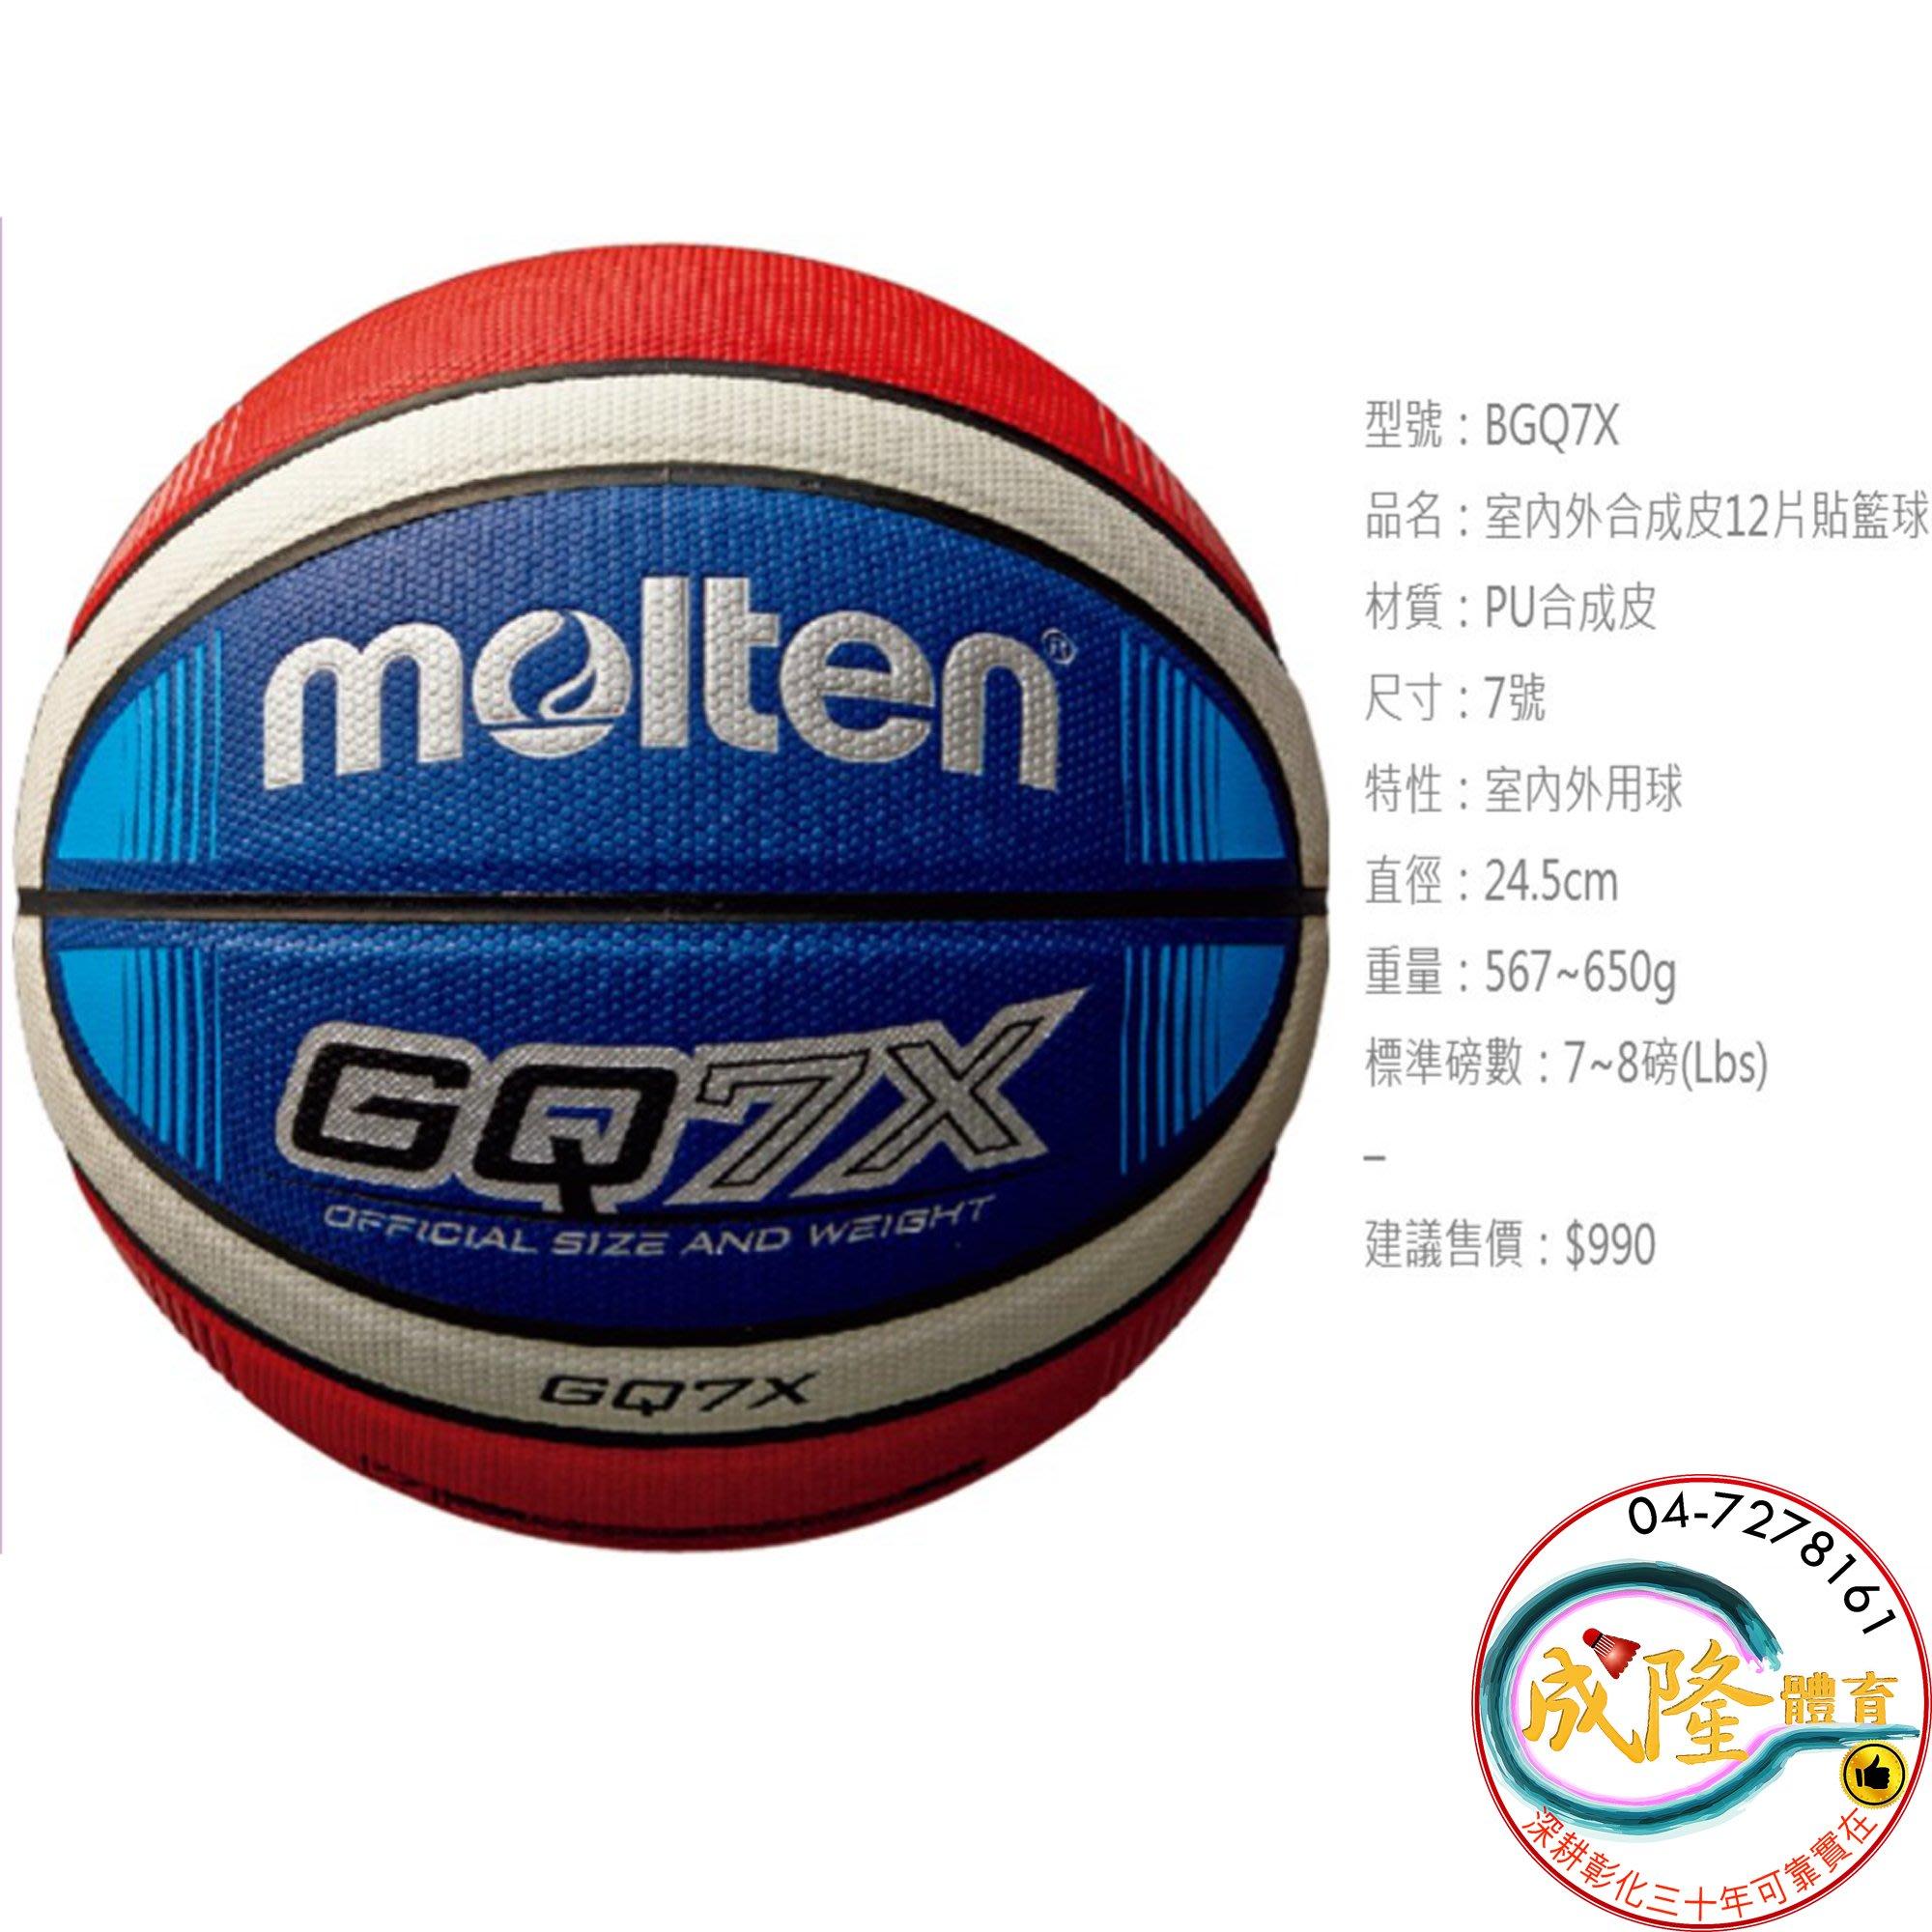 §成隆體育§ Molten GQ7X 籃球 7號 BGQ7X 合成皮籃球 買球附球針球網 12片貼 耐磨 公司貨附發票